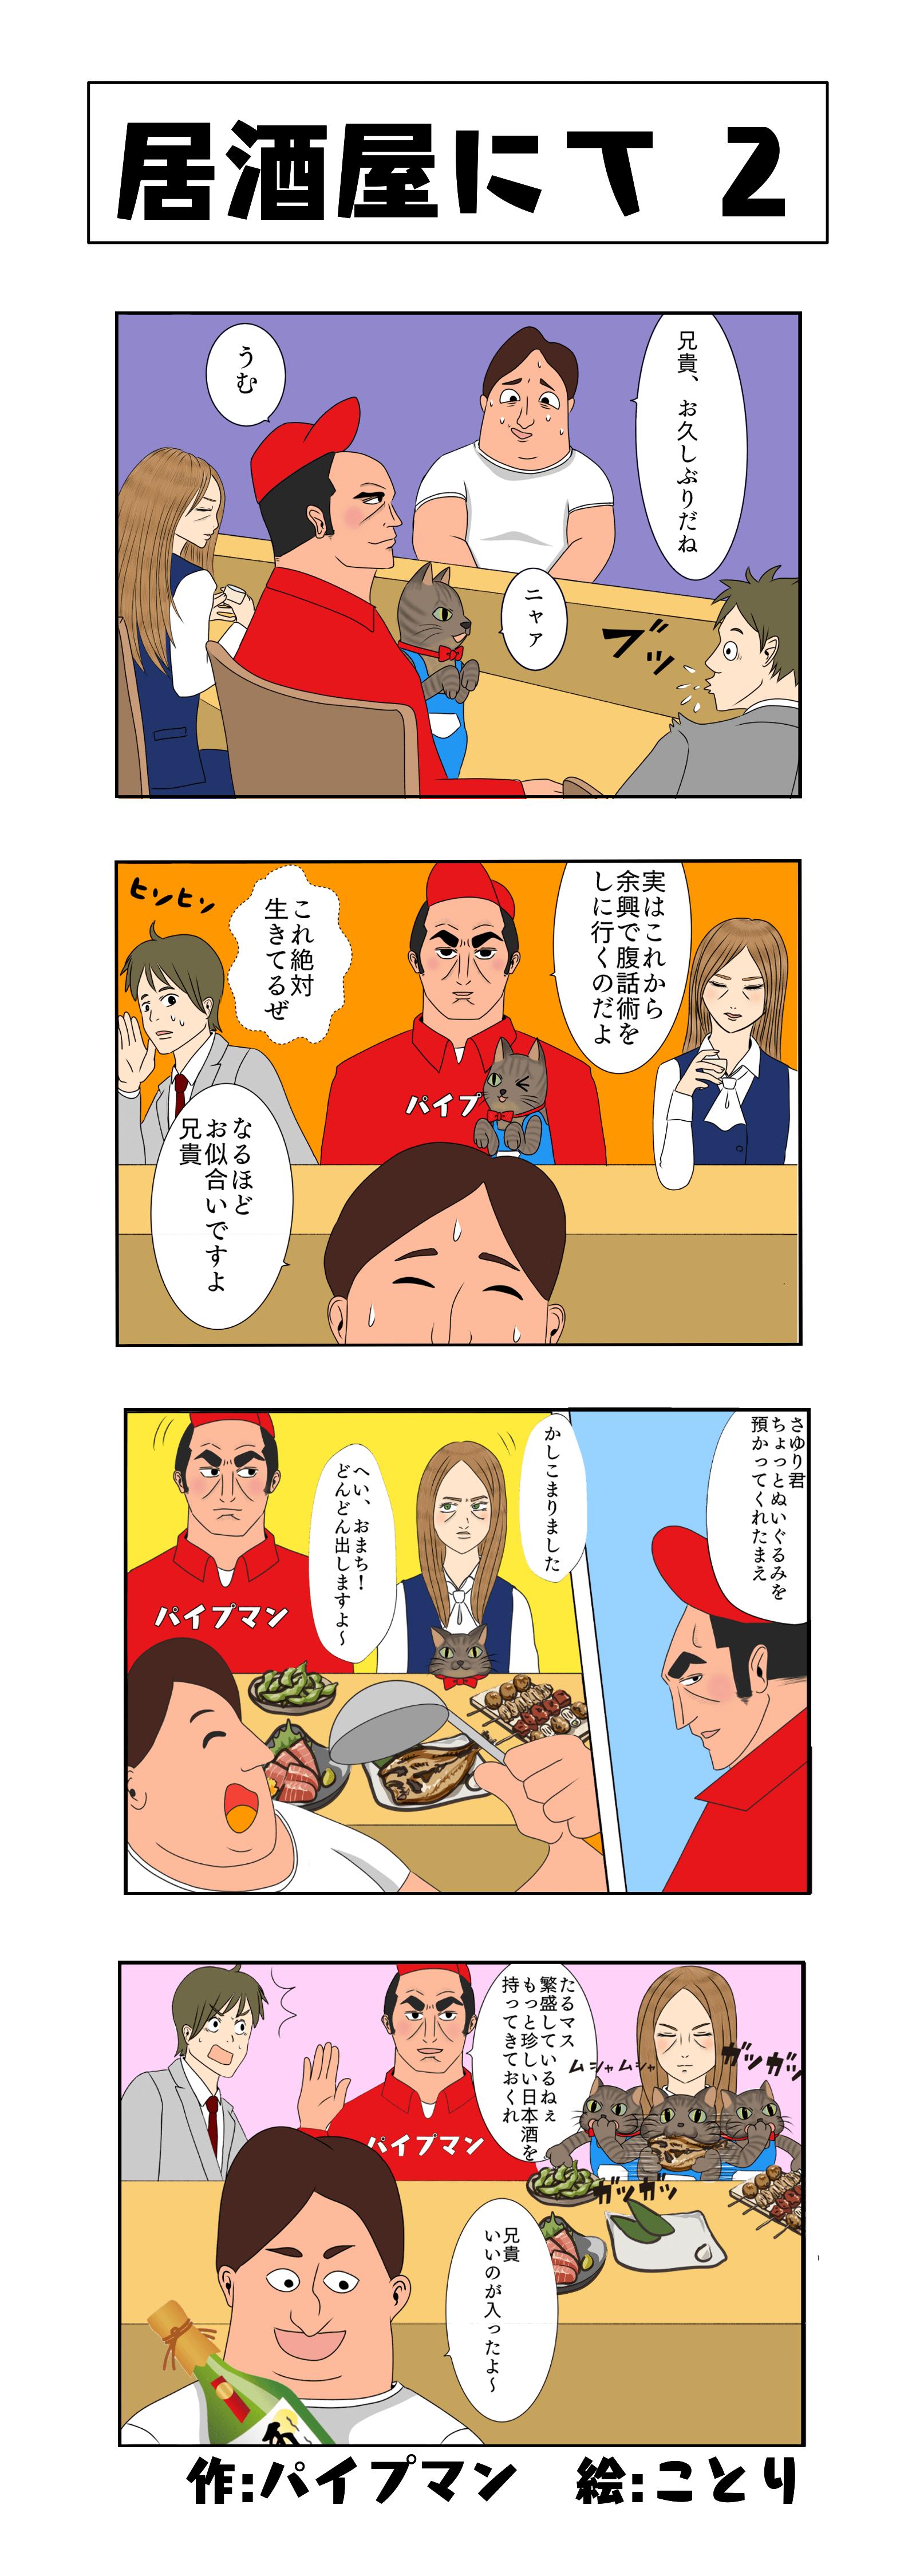 パイプマン漫画 第43話「居酒屋にて2」